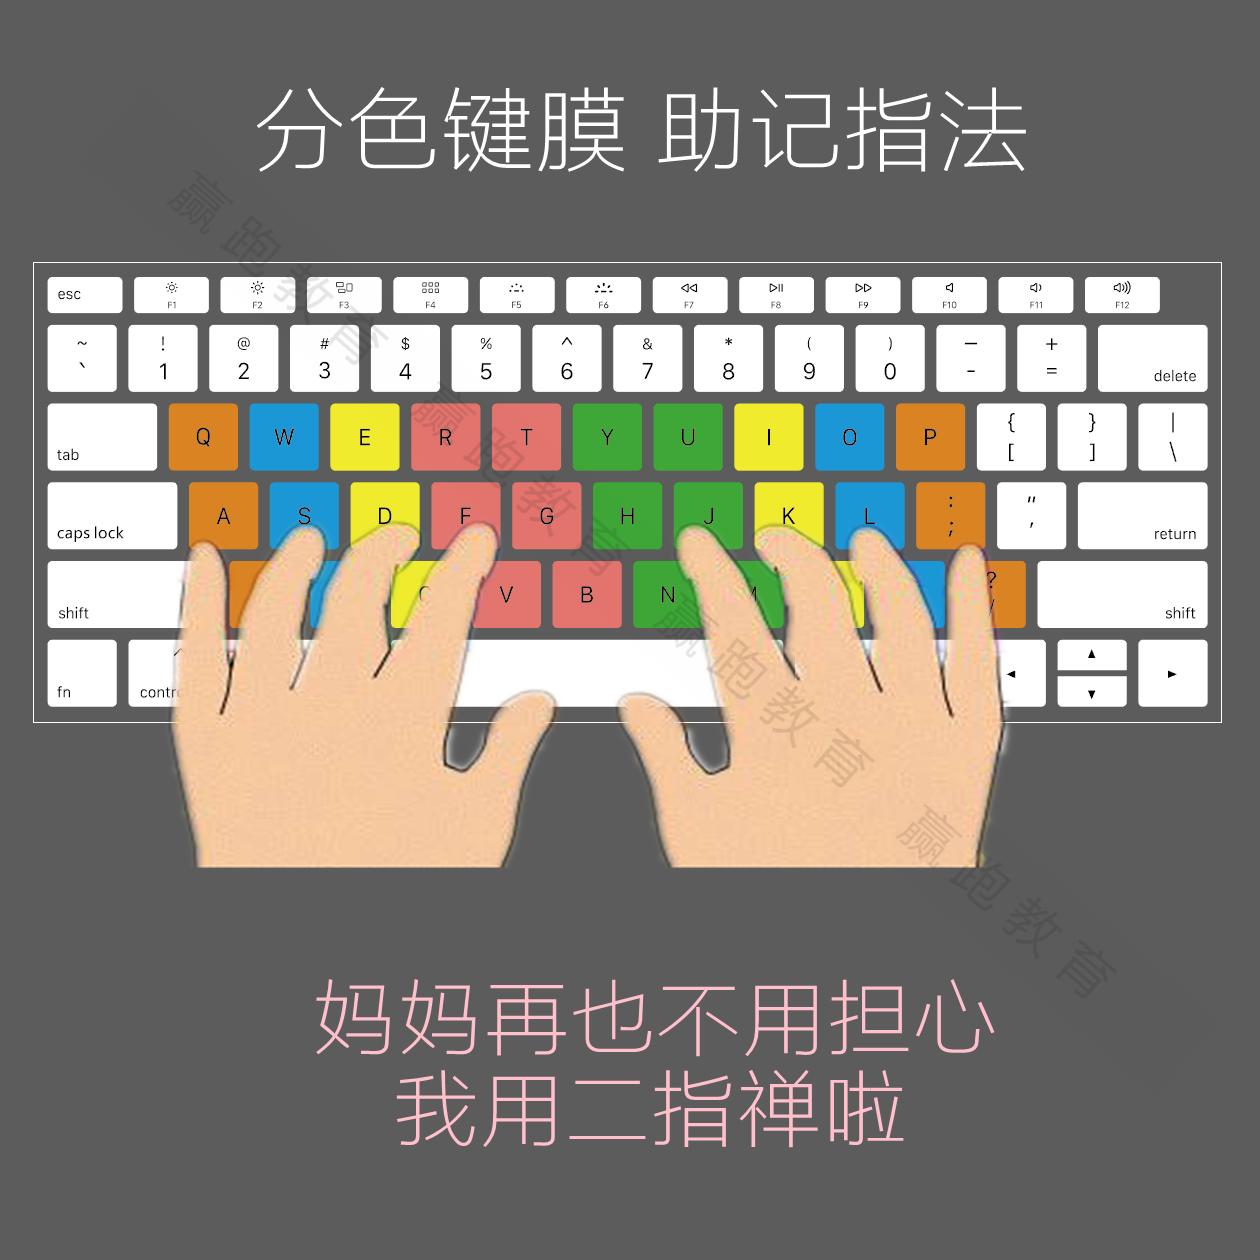 打字键盘练指法笔记本电脑键盘膜初学生少儿童编程键位练习打字